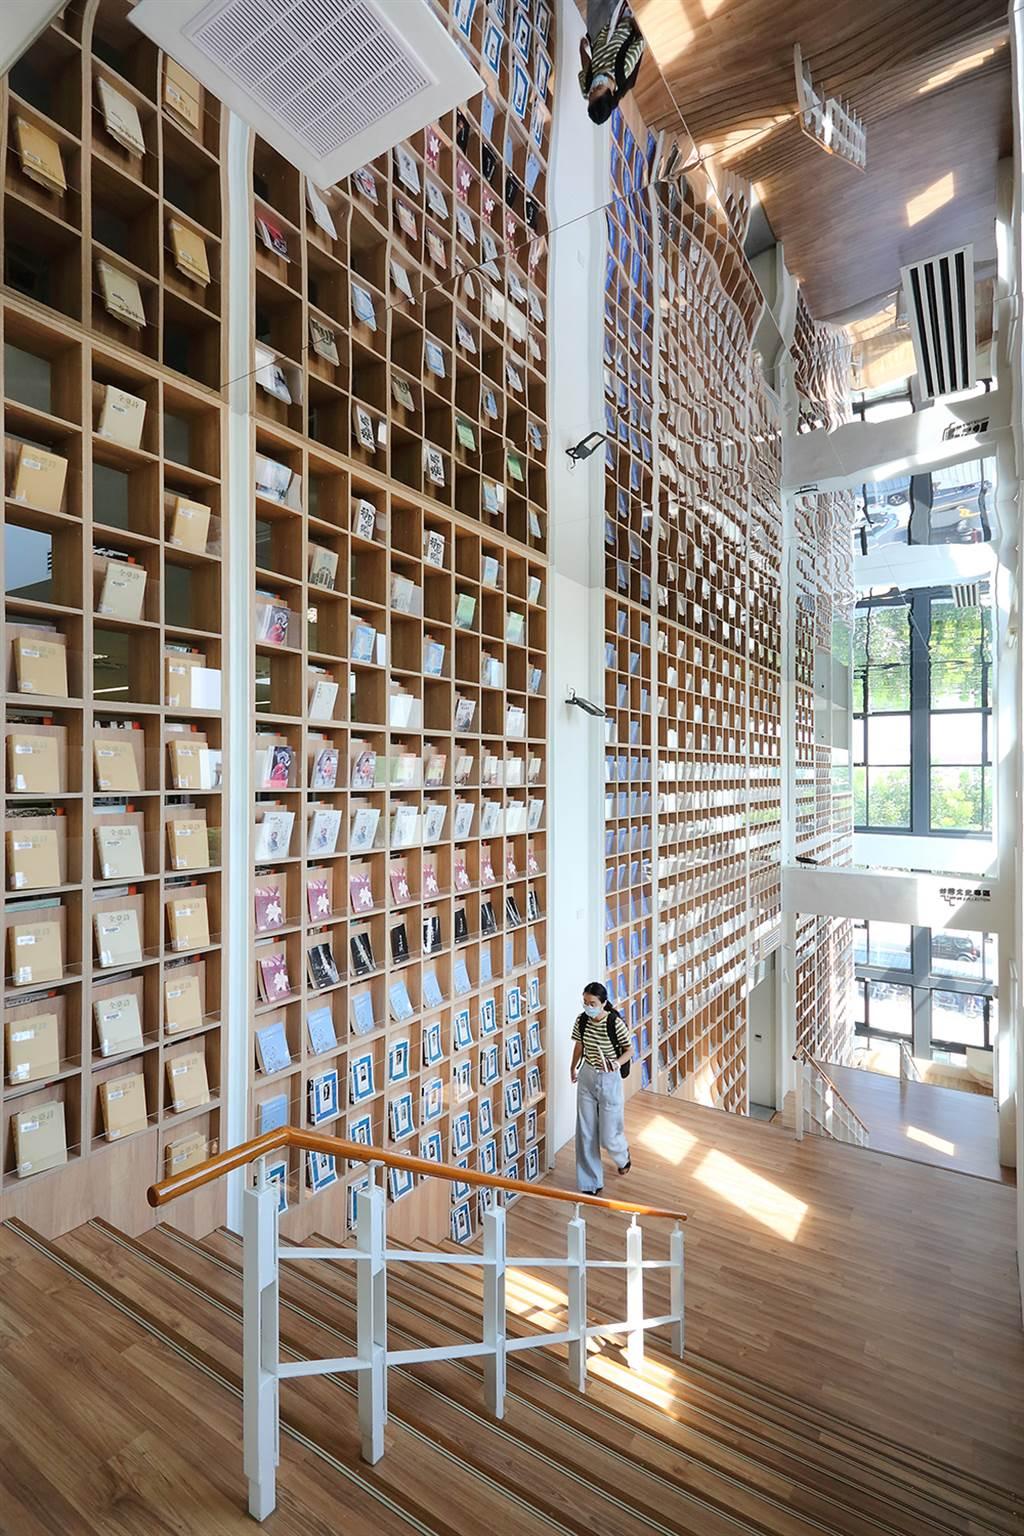 在閱讀空間感受設計美學,是最棒的體驗。(攝影/Carter)